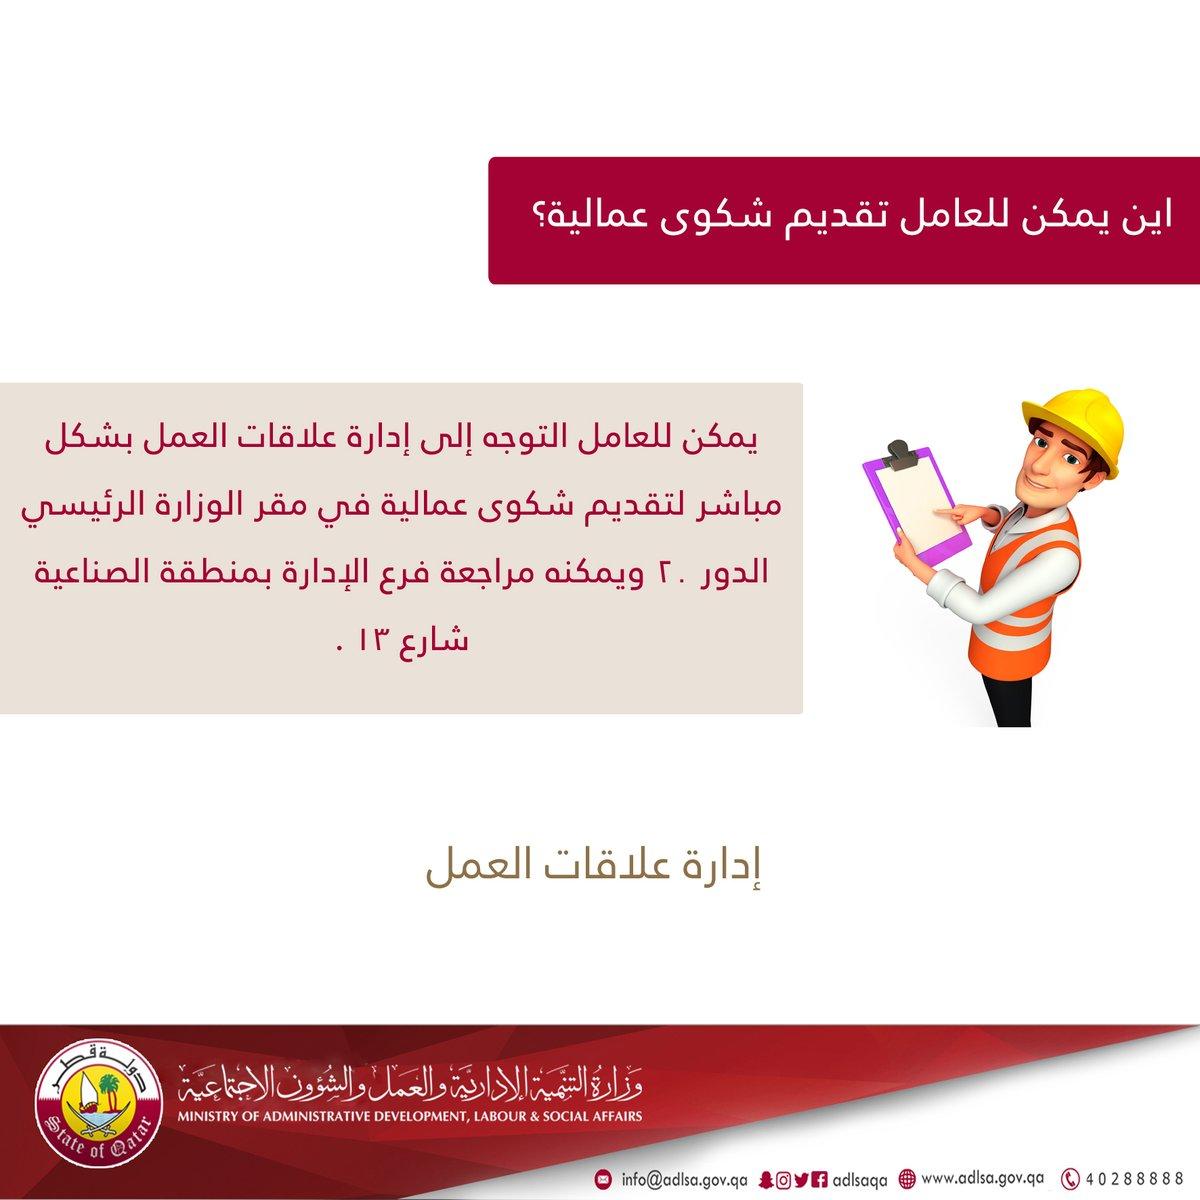 """وزارة التنمية والعمل on Twitter: """"اين يمكن للعامل تقديم ..."""